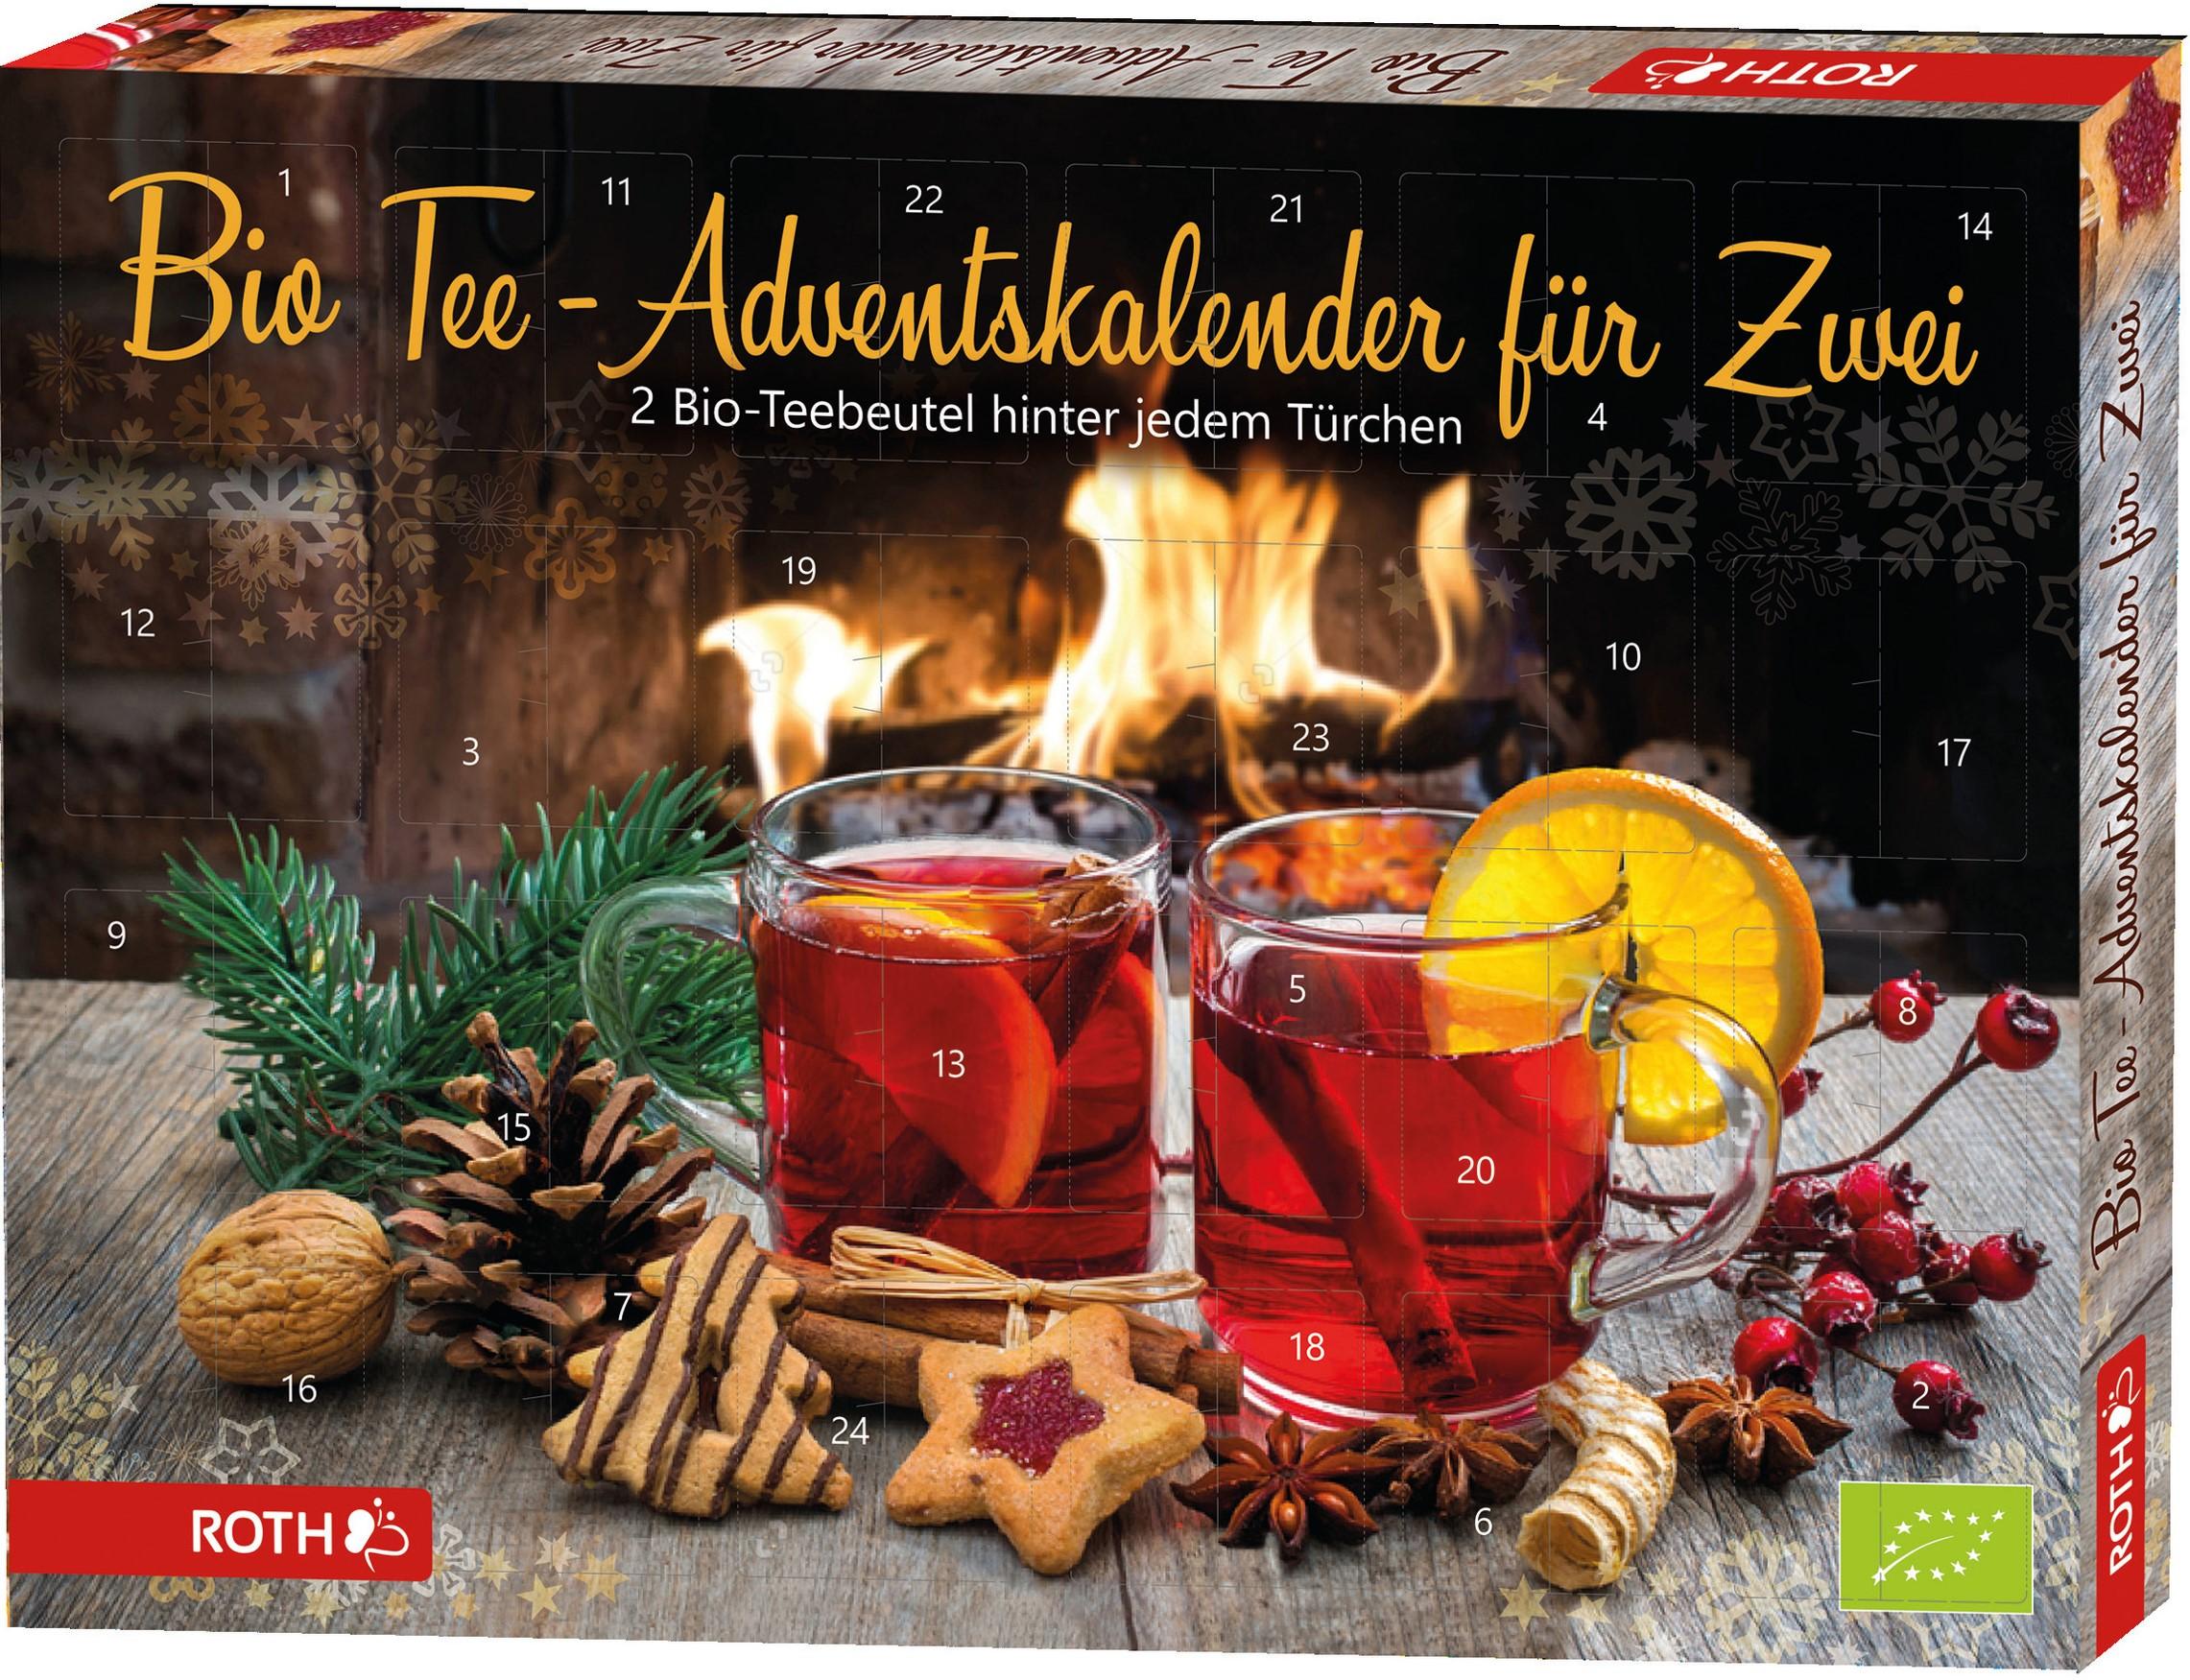 Bio-Tee Adventskalender für Zwei 2021